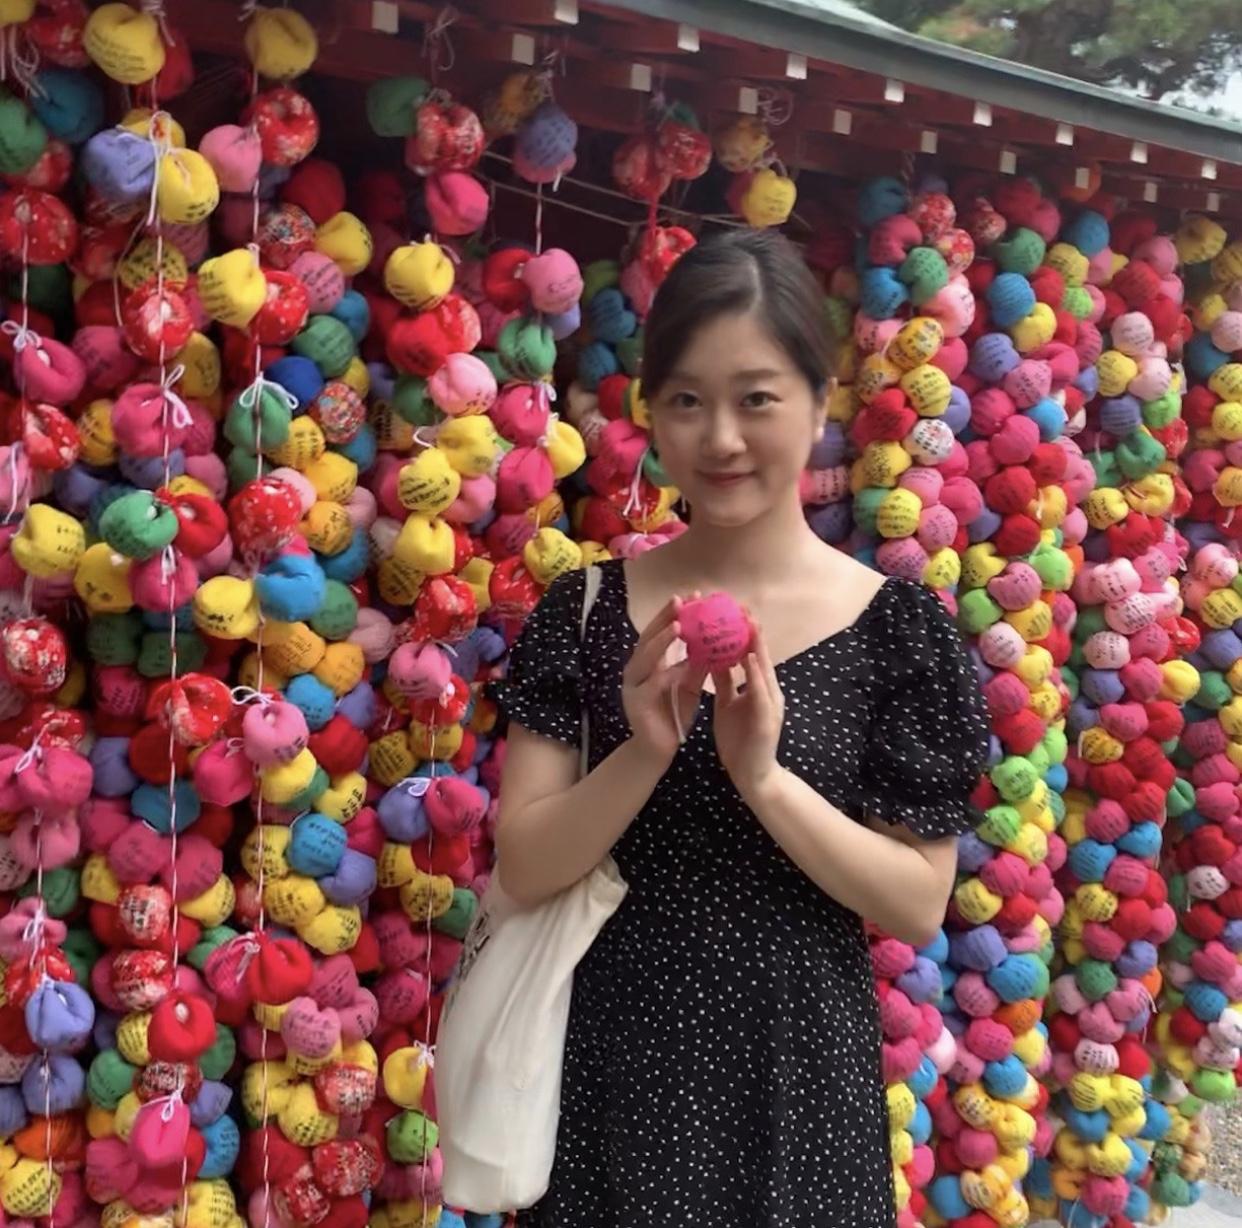 【京都】神社巡り✩*॰SNSの映えスポット!?カラフルなくくり猿に願いを込めて♡_2